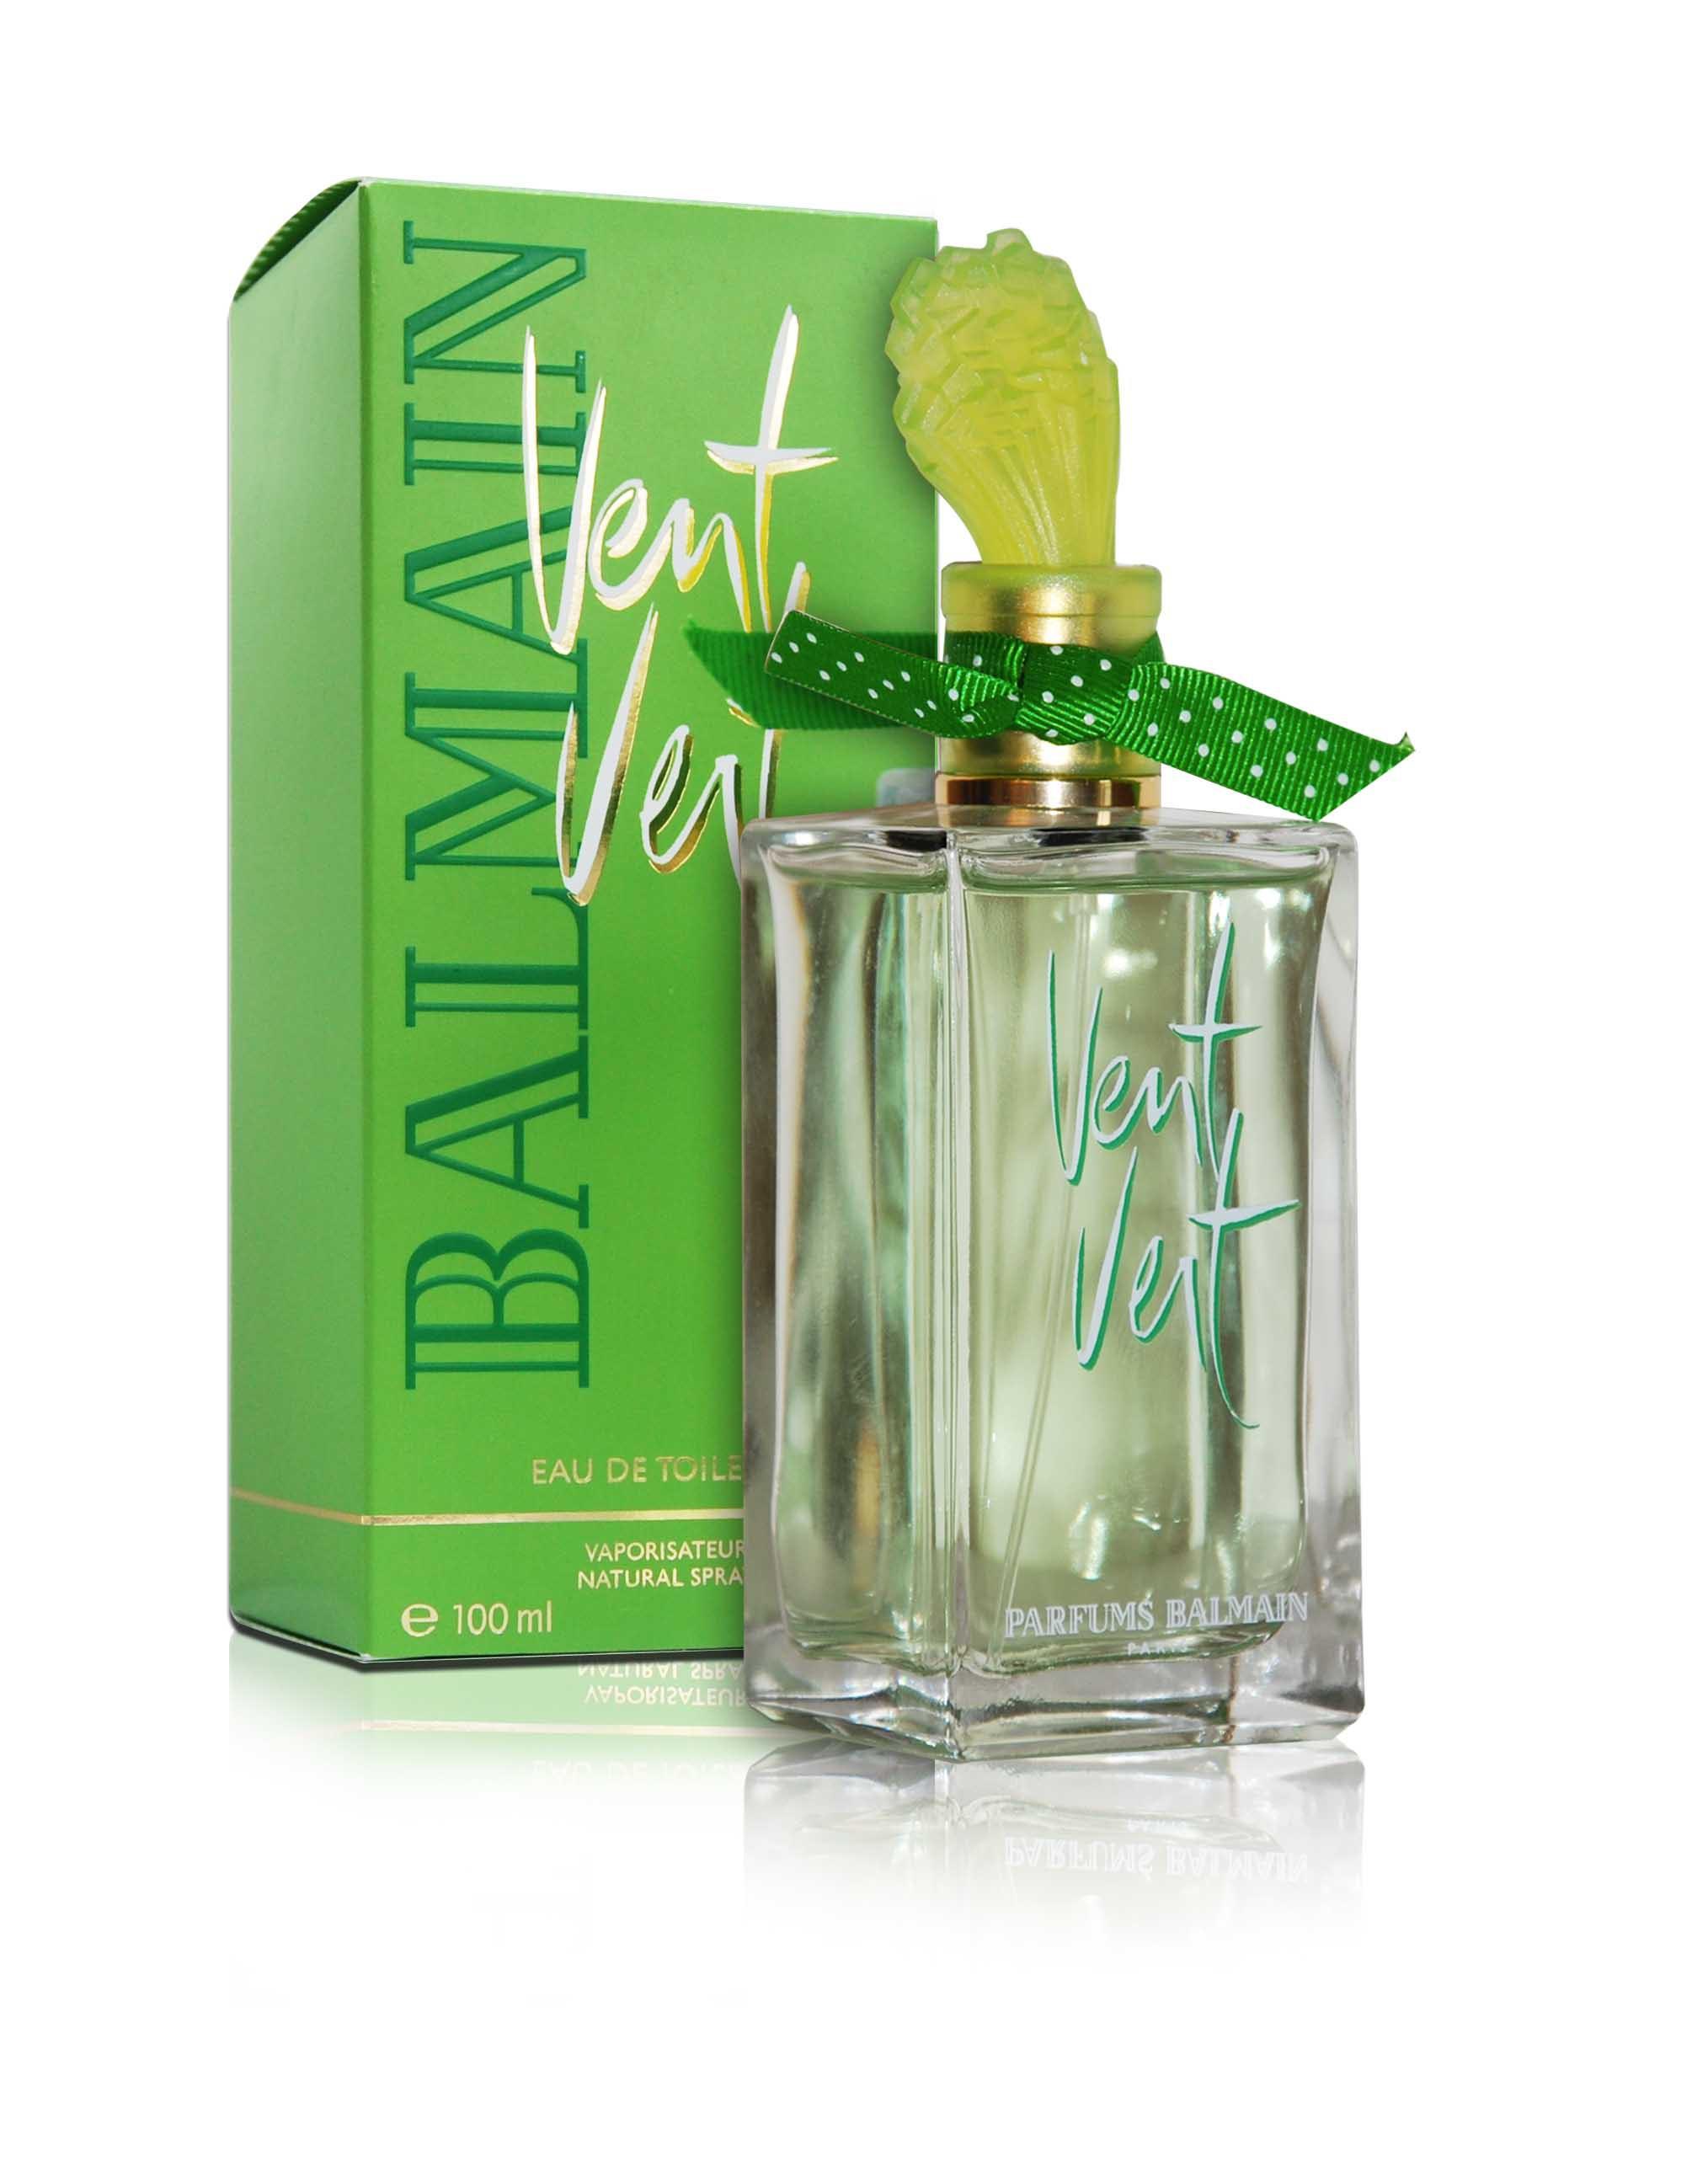 Balmain Vent Vert аромат для женщин